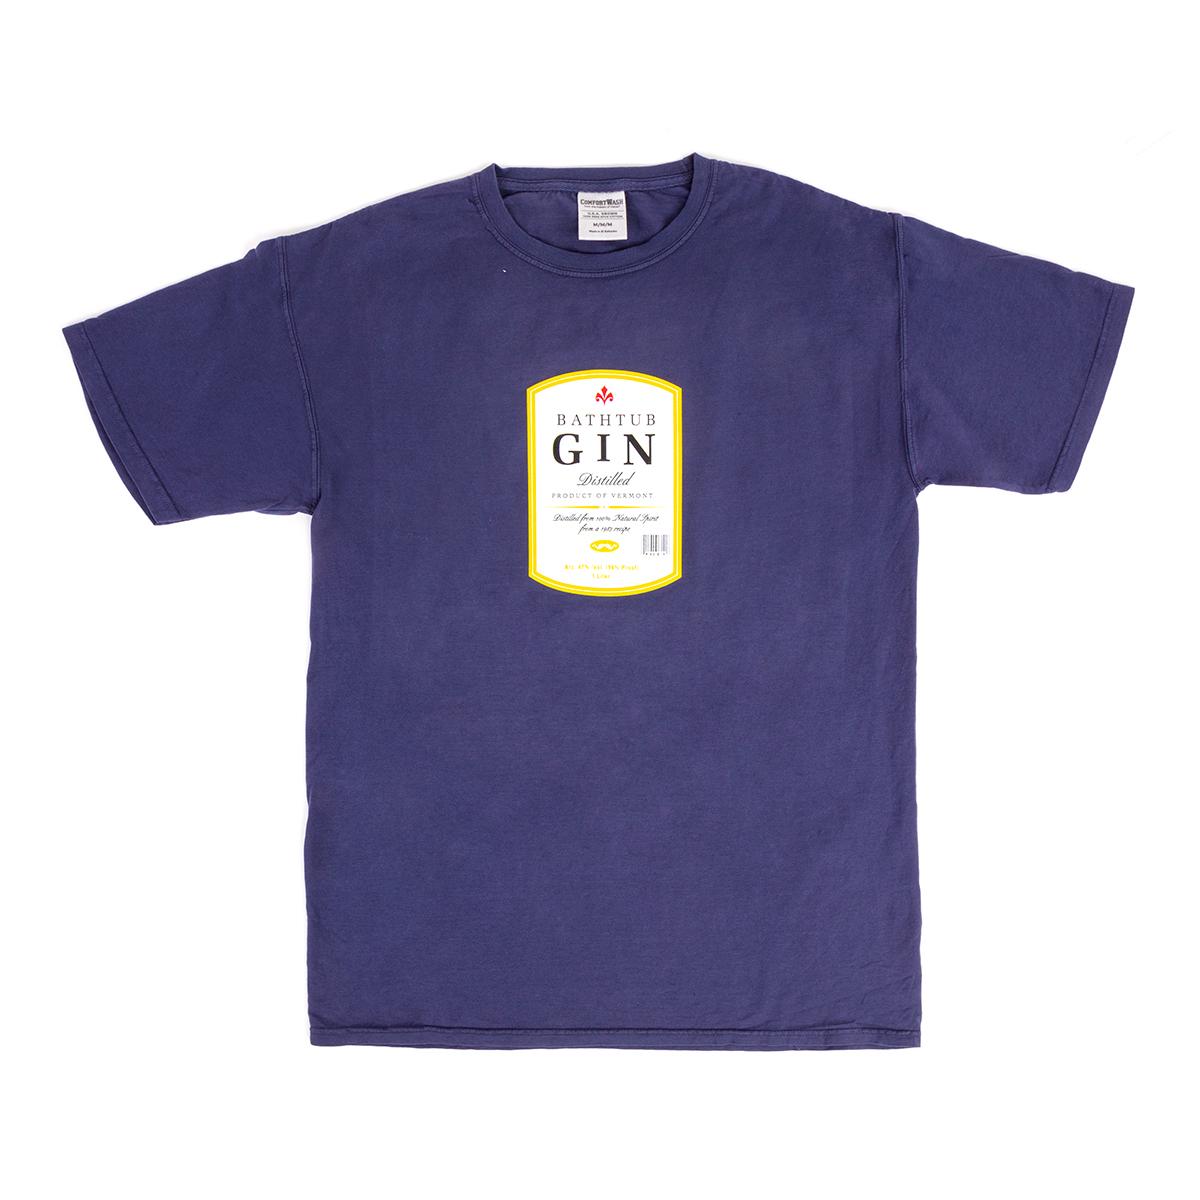 Bathtub Gin Heavyweight Tee